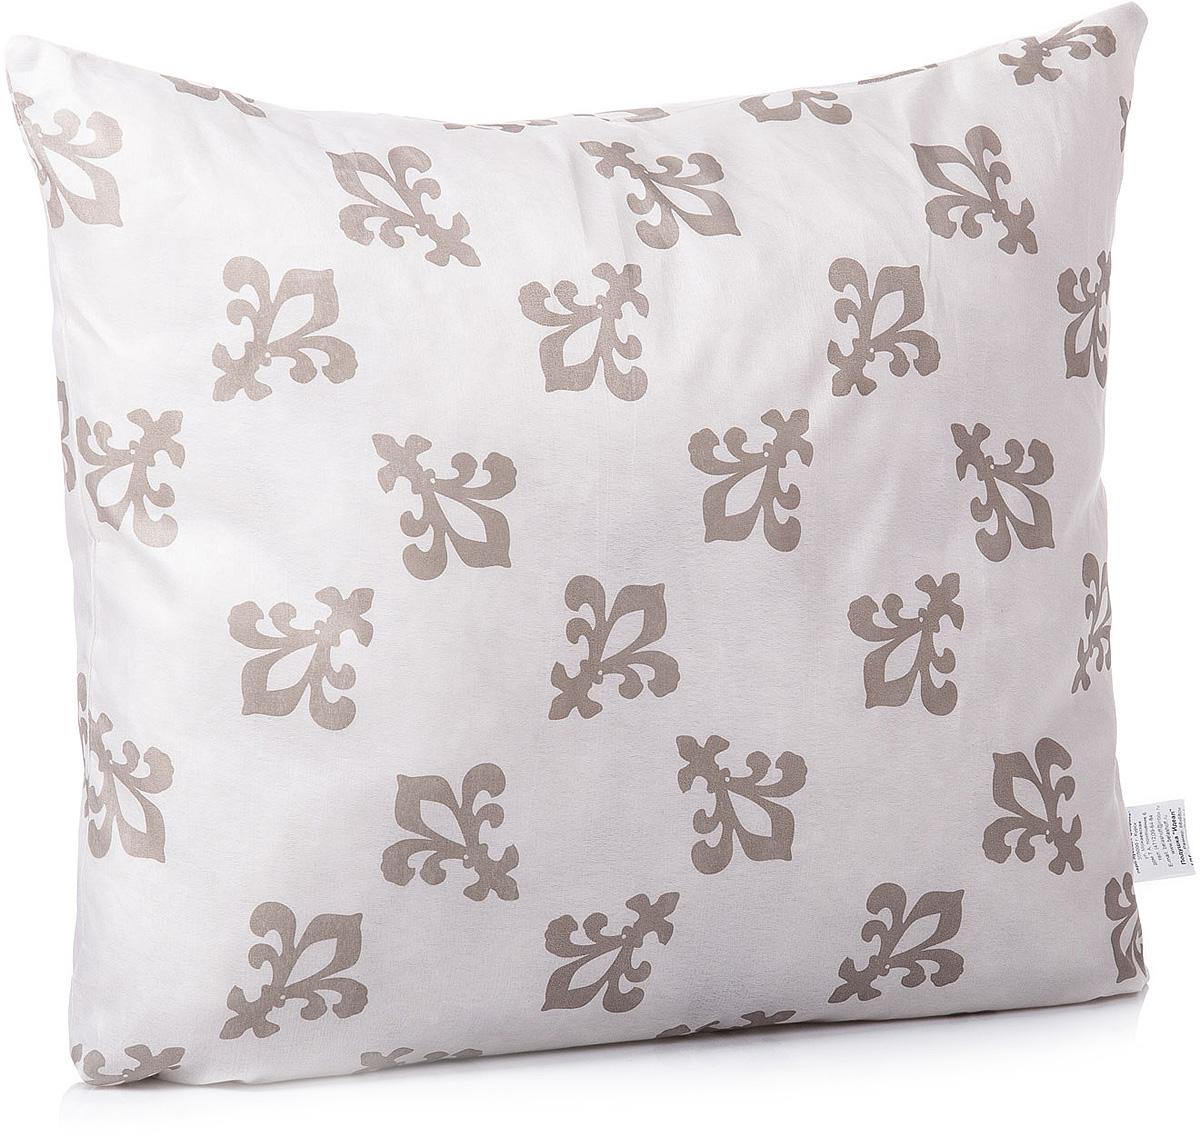 Коллекция синтетических подушек и одеял Идеал отличает высокое качество изделия при оптимальной цене. Наполнитель синтетических одеял и подушек коллекции Идеал — полое силиконизированное волокно, которое на сегодняшний день является самым популярным и экологически чистым наполнителем.  Лёгкие в уходе и гигиеничные, эти изделия привлекают длительной износостойкостью и невысокой ценой. Подушки и одеяла Идеал гипоаллергенны. Изделие легко в уходе, возможна бережная стирка. Уважаемые клиенты! Обращаем ваше внимание на цветовой ассортимент товара. Поставка осуществляется в зависимости от наличия на складе.